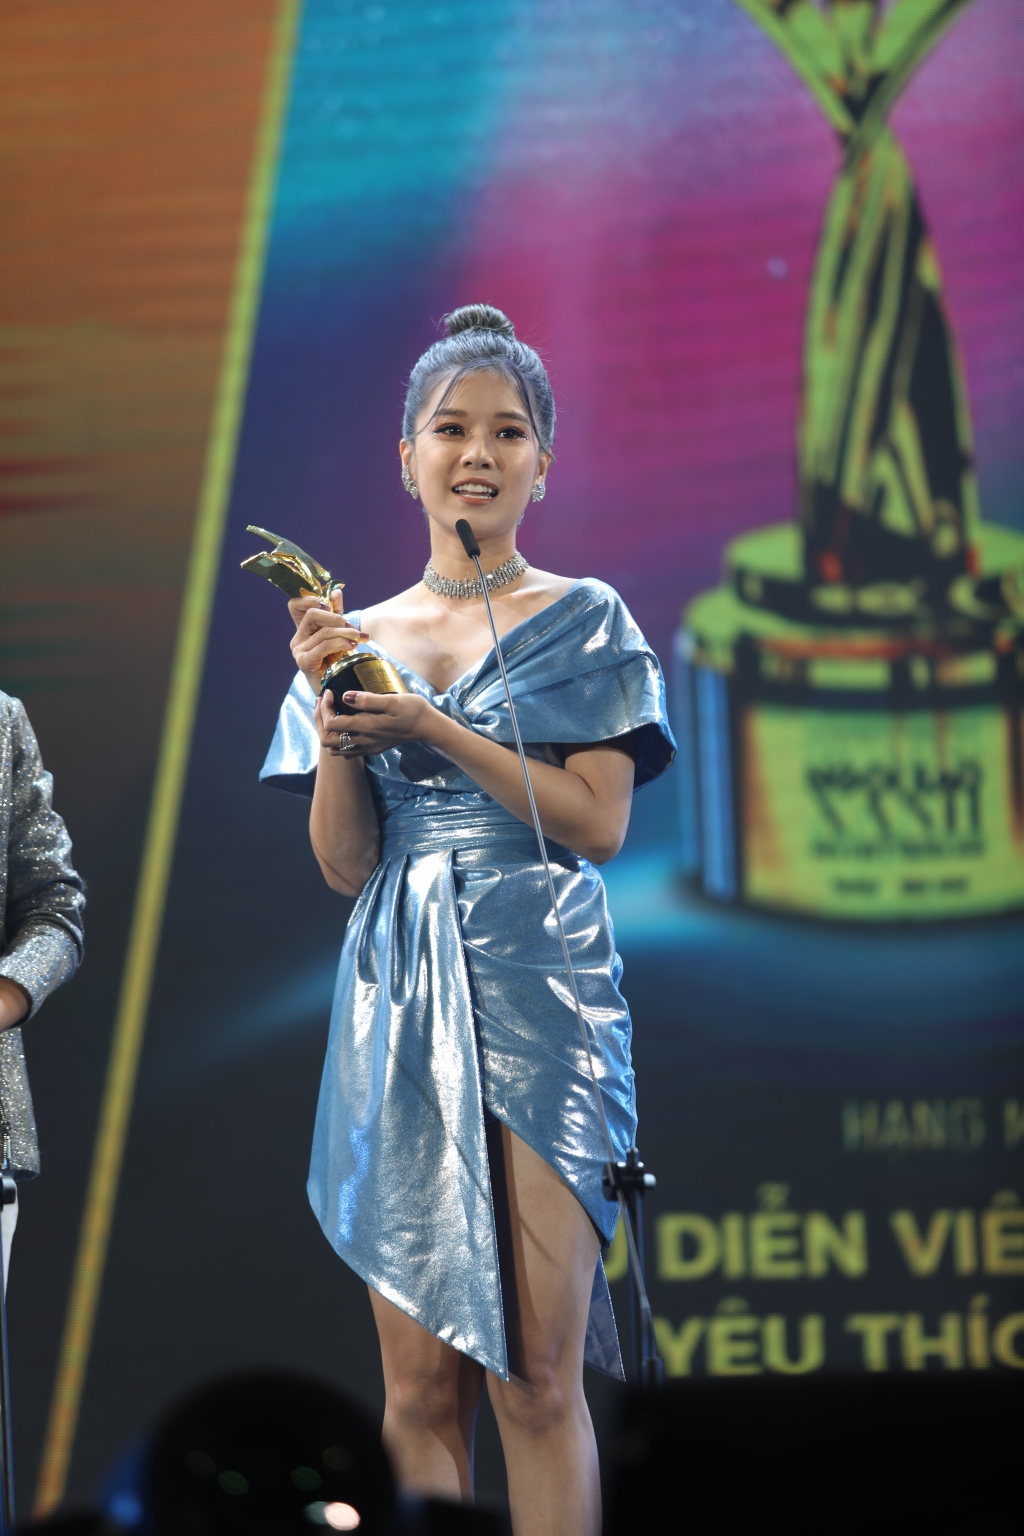 cong bo dan nghe si viet nam tham du giai thuong truyen hinh chau a lan thu 24 asian television awards